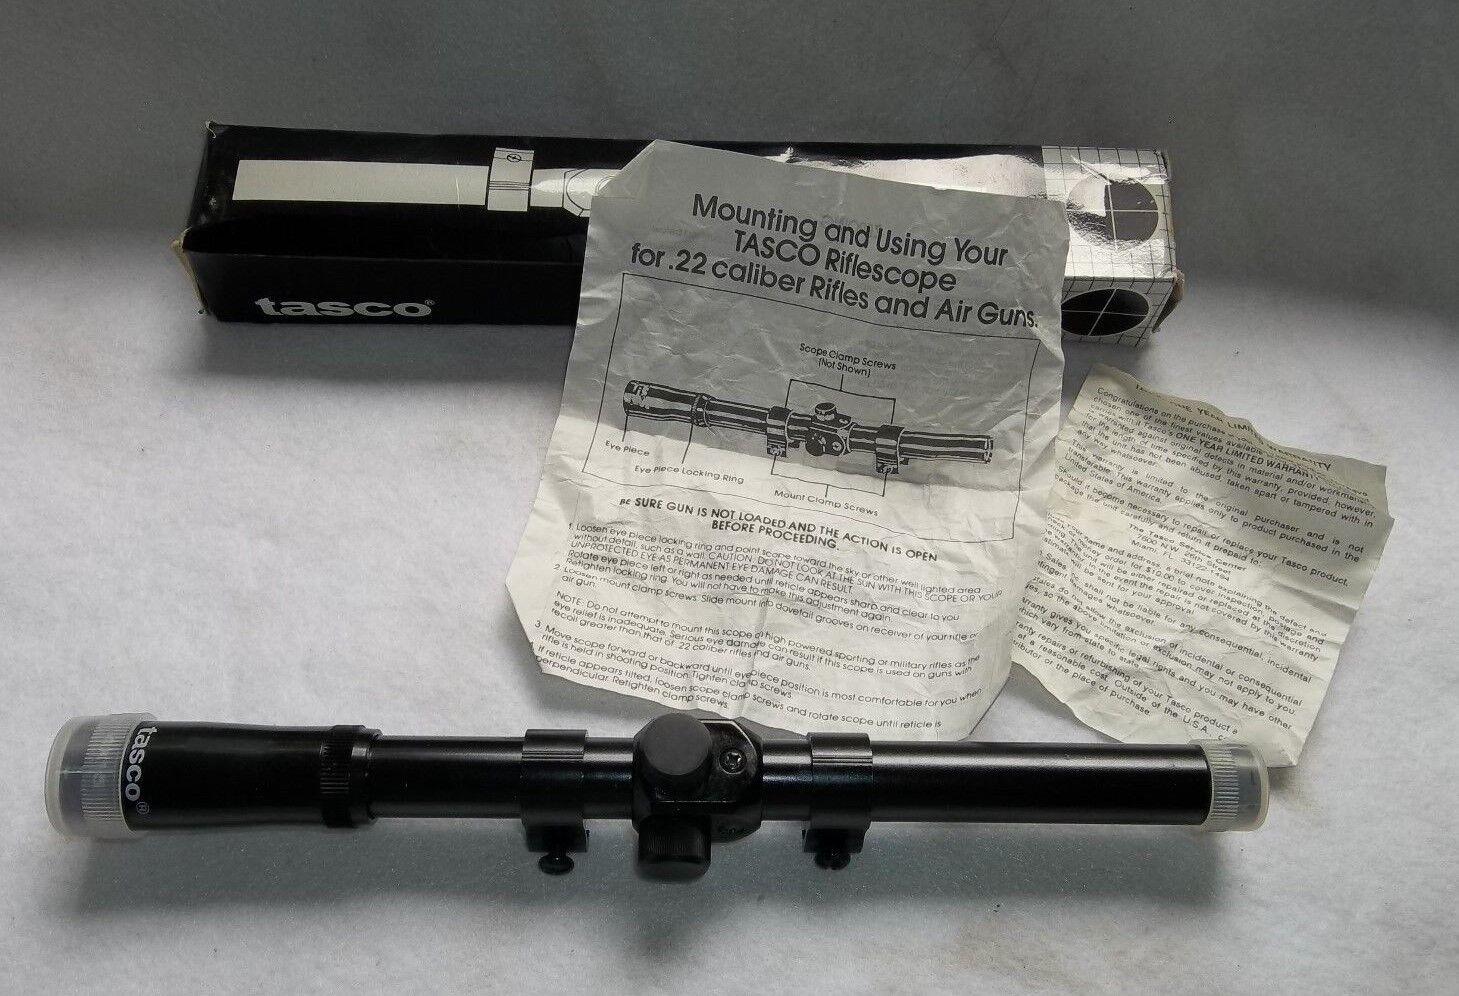 Tasco Rifle Scope or Air Rifle Scope